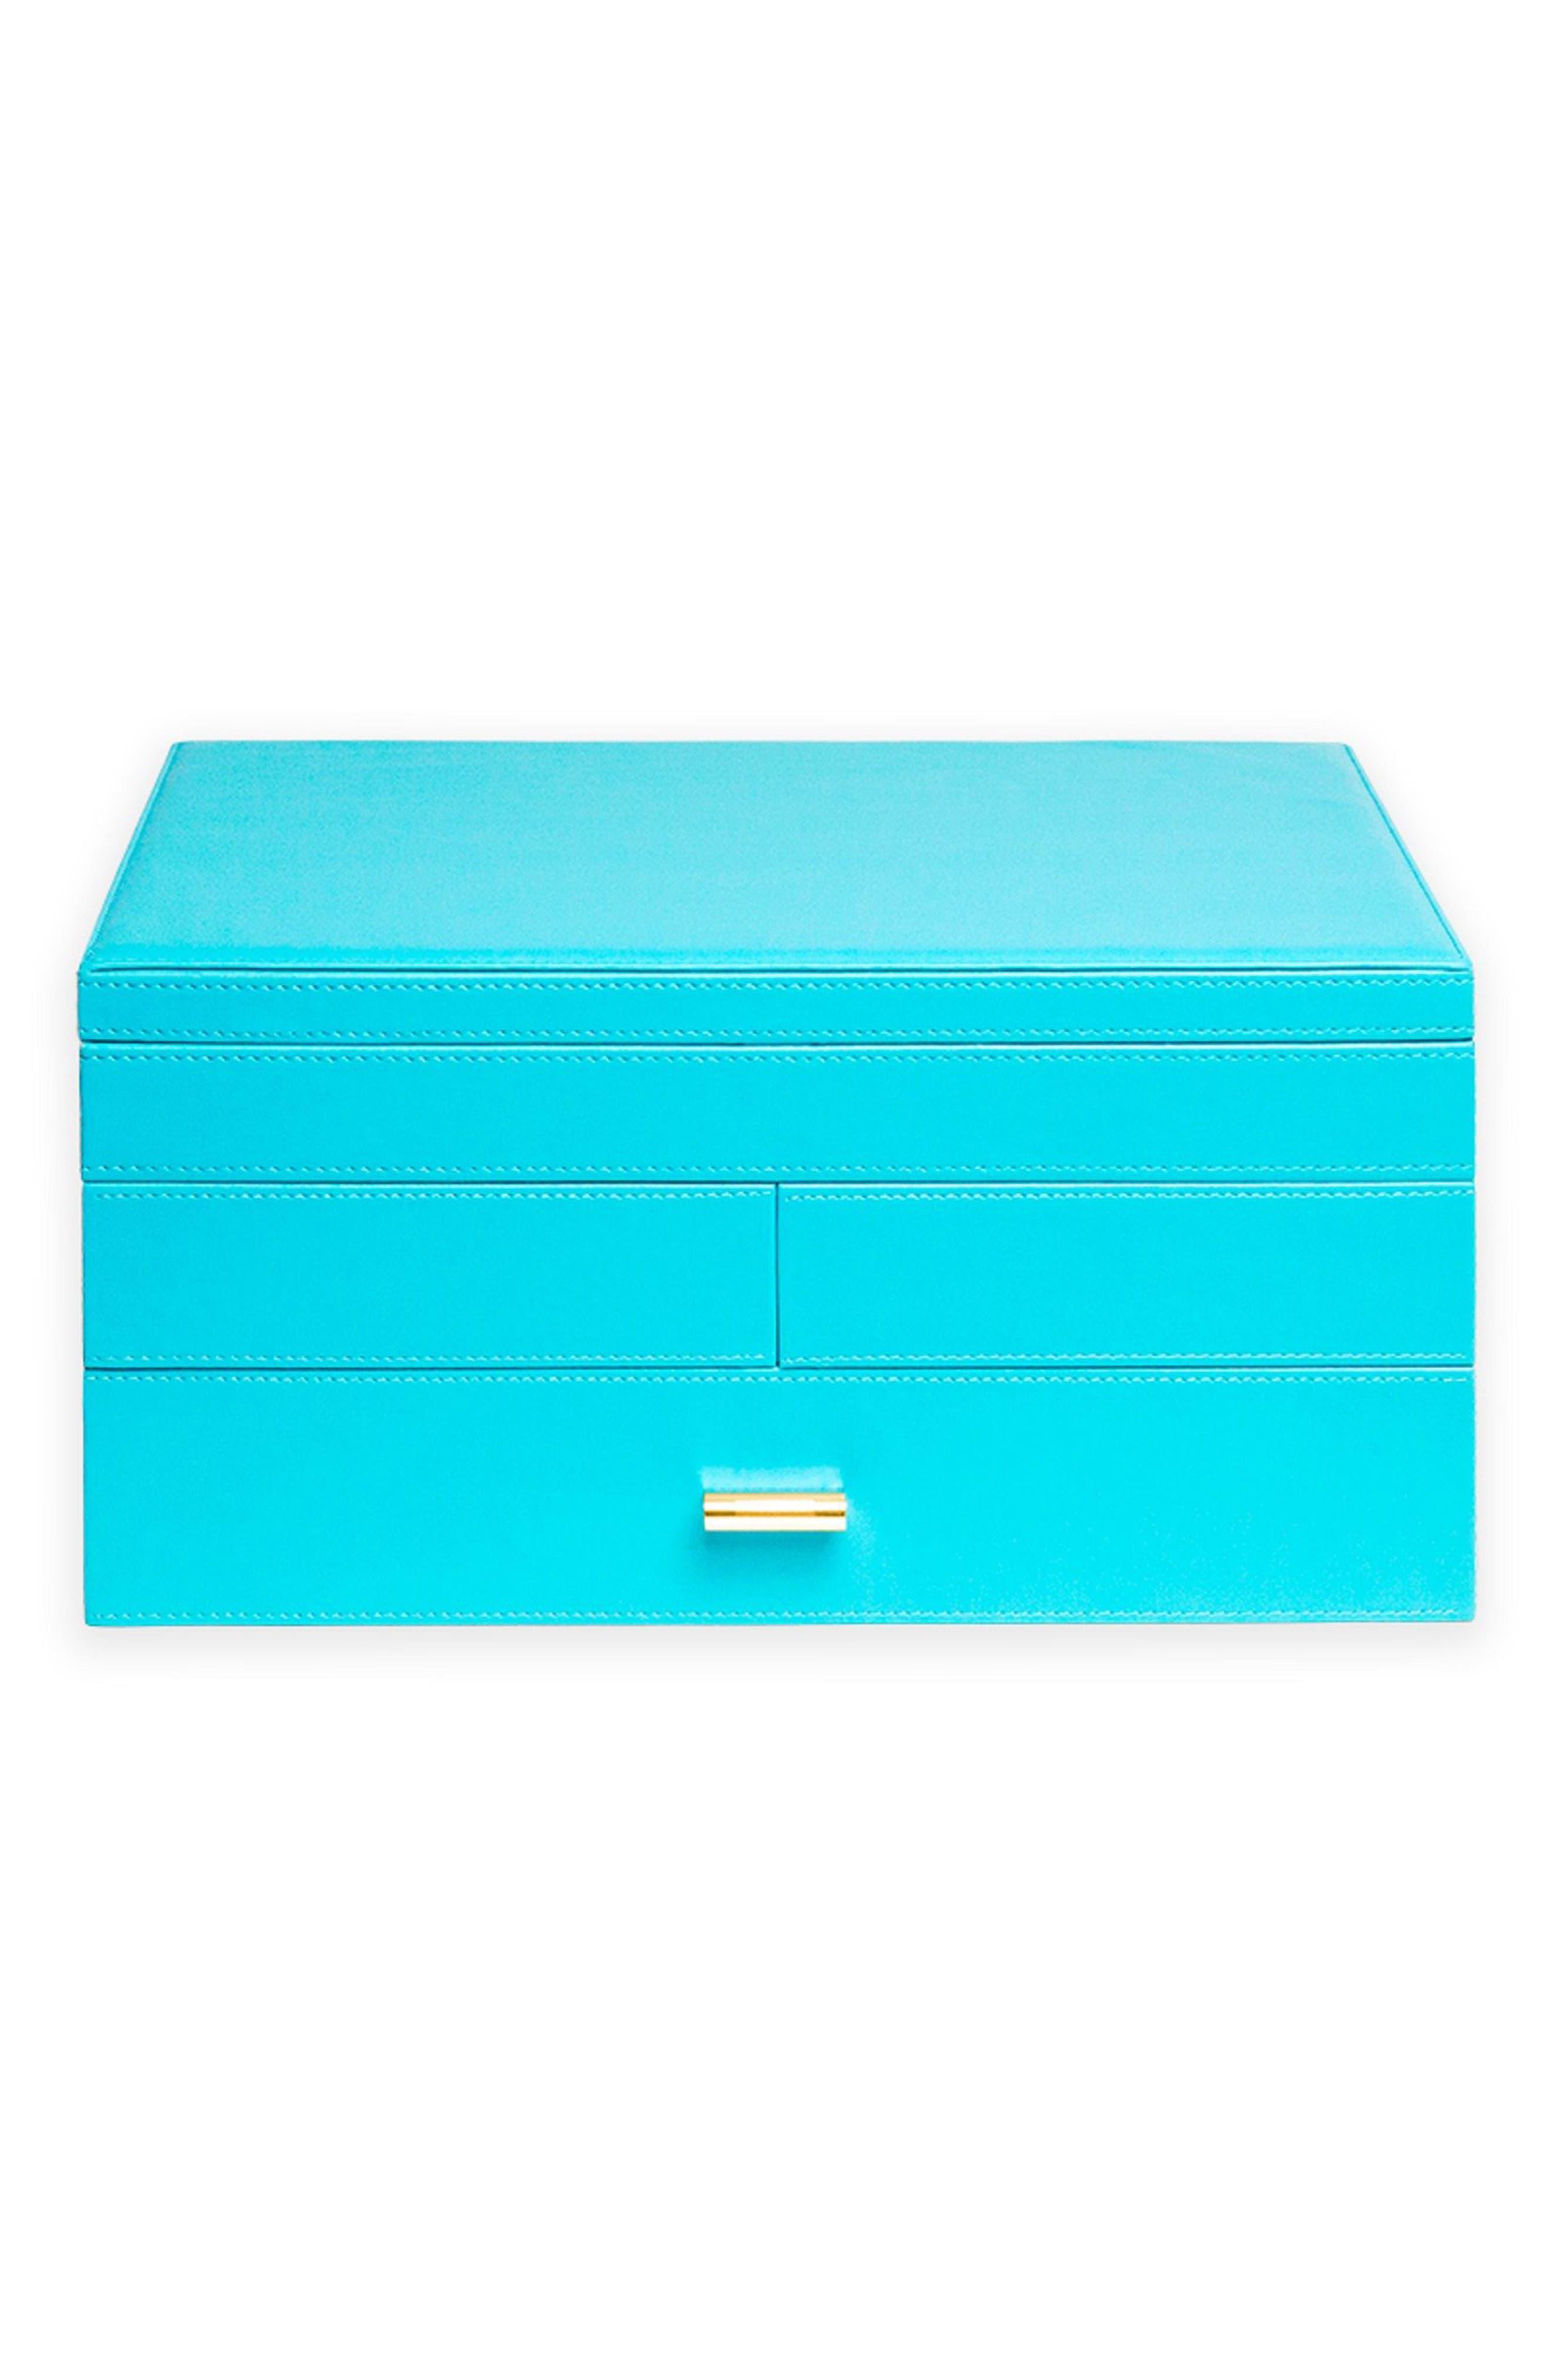 Large Jewelry Box by Spruce Storage